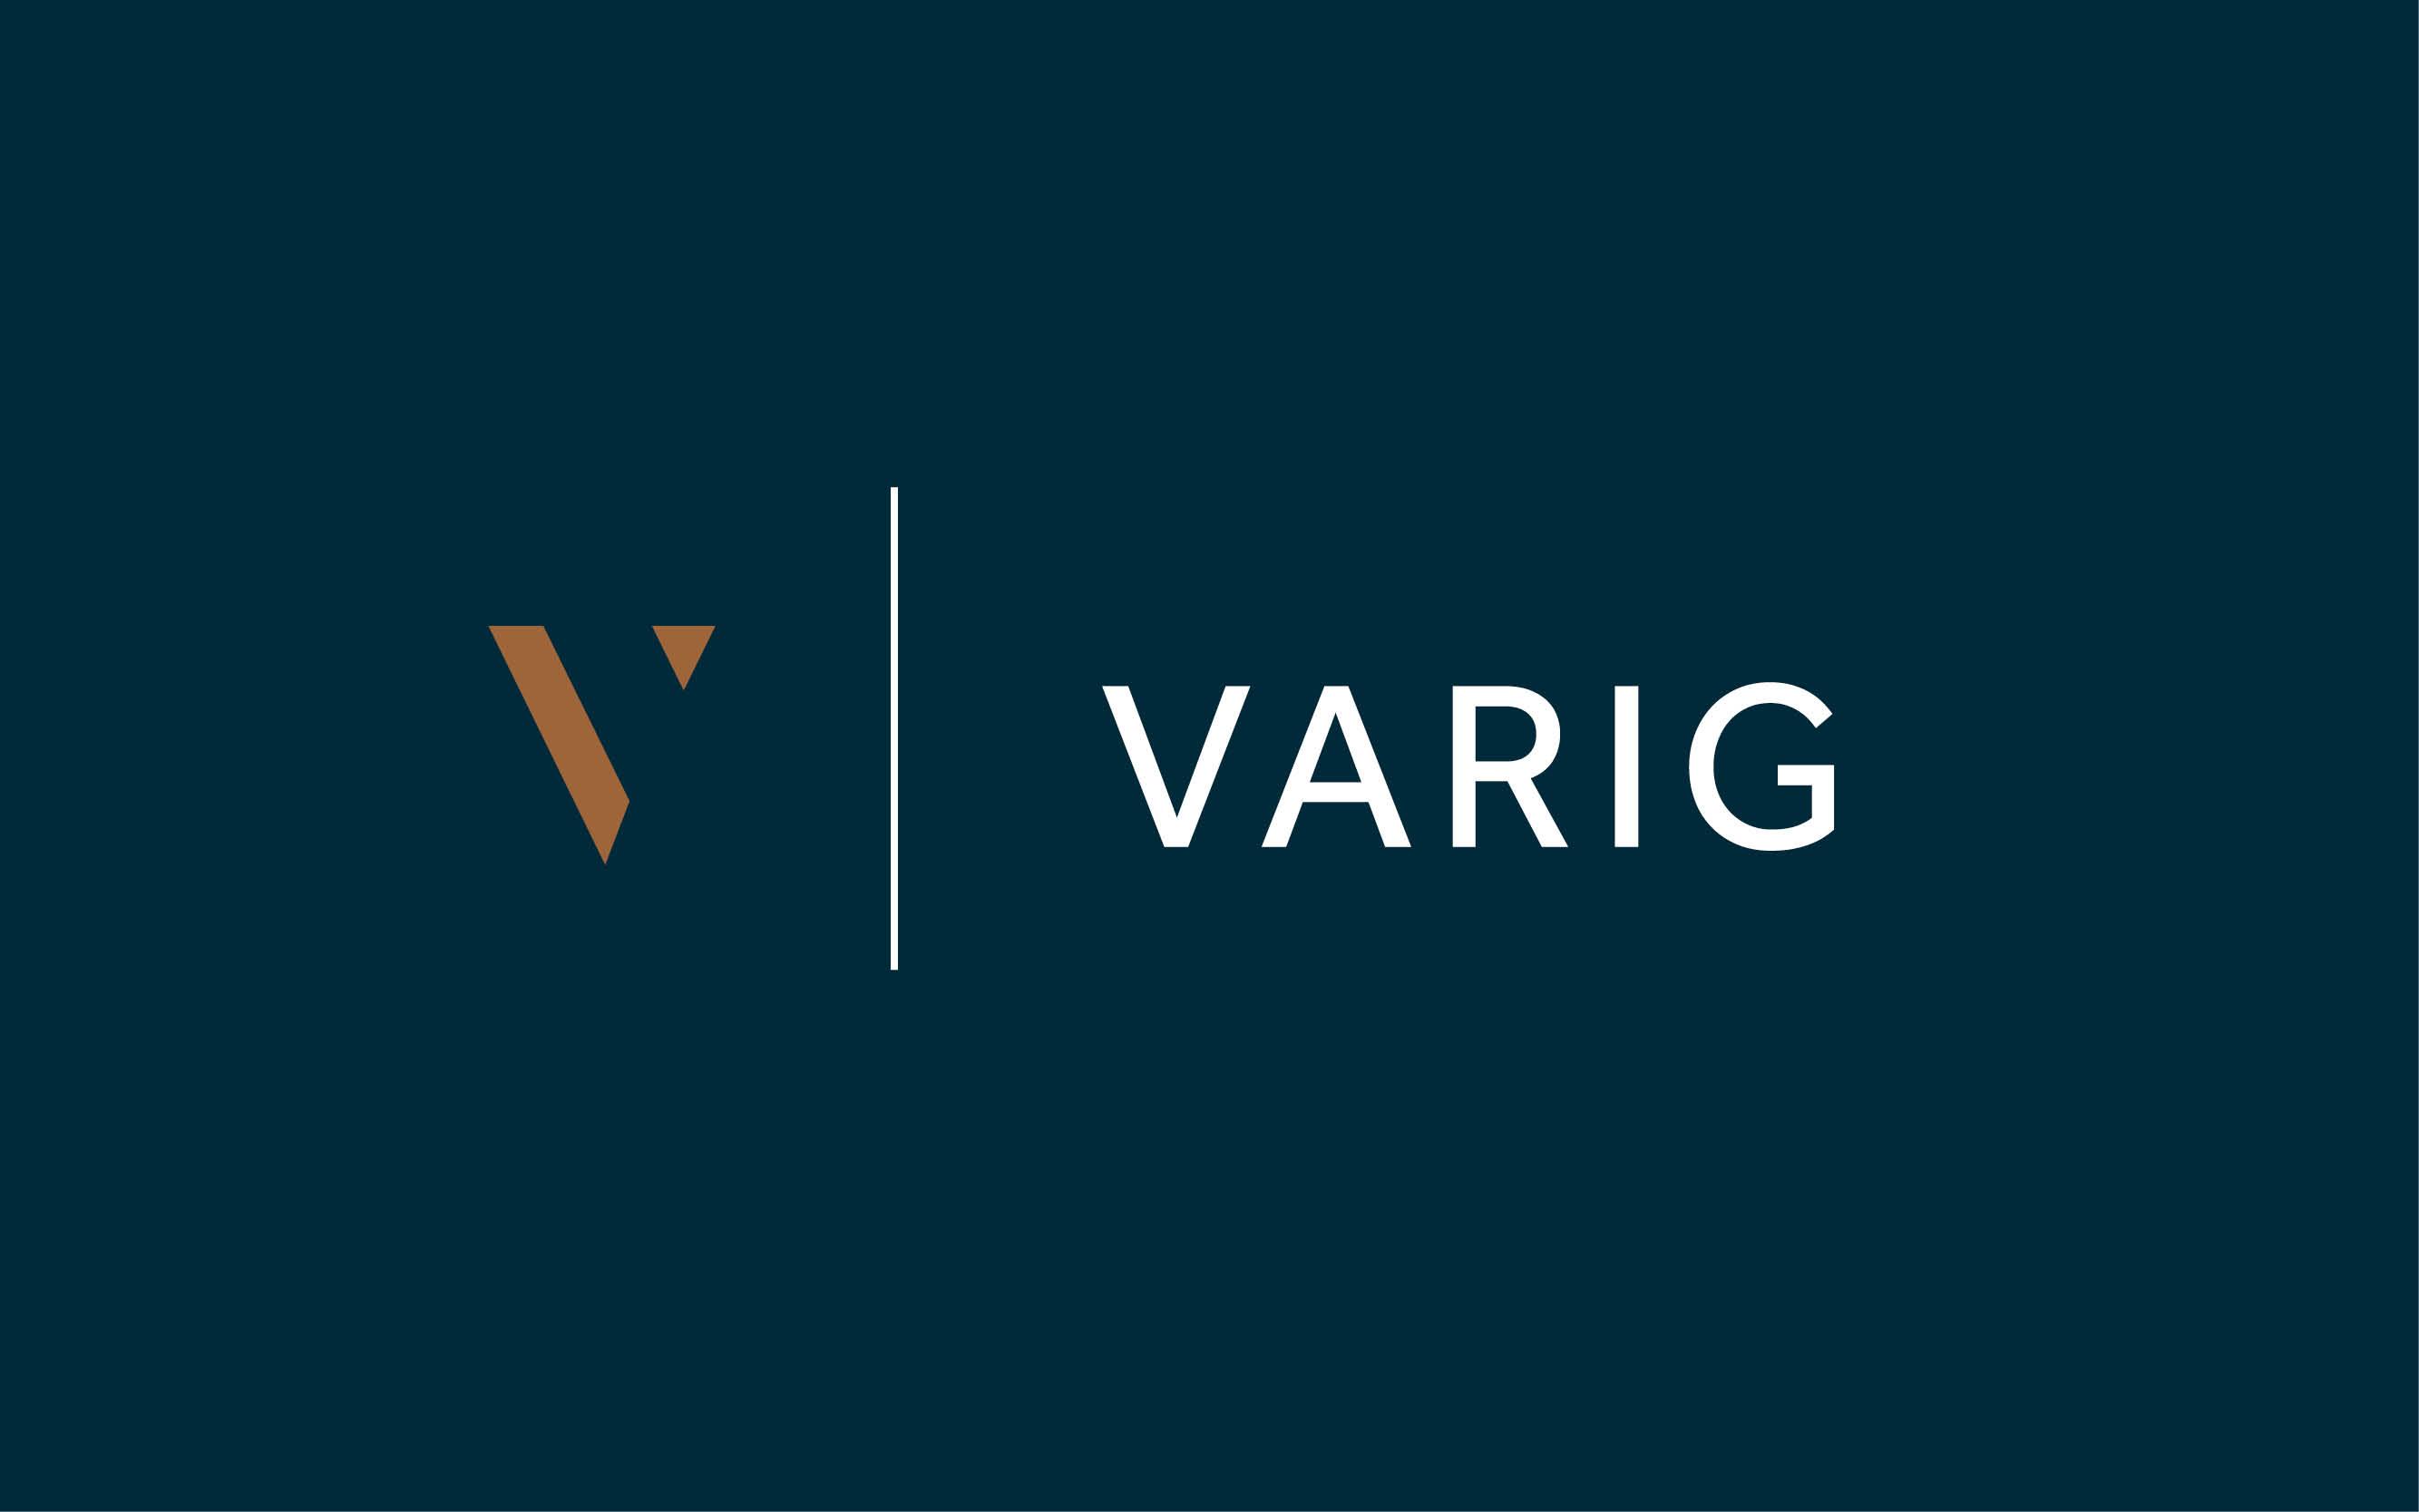 Varig vertikal logo